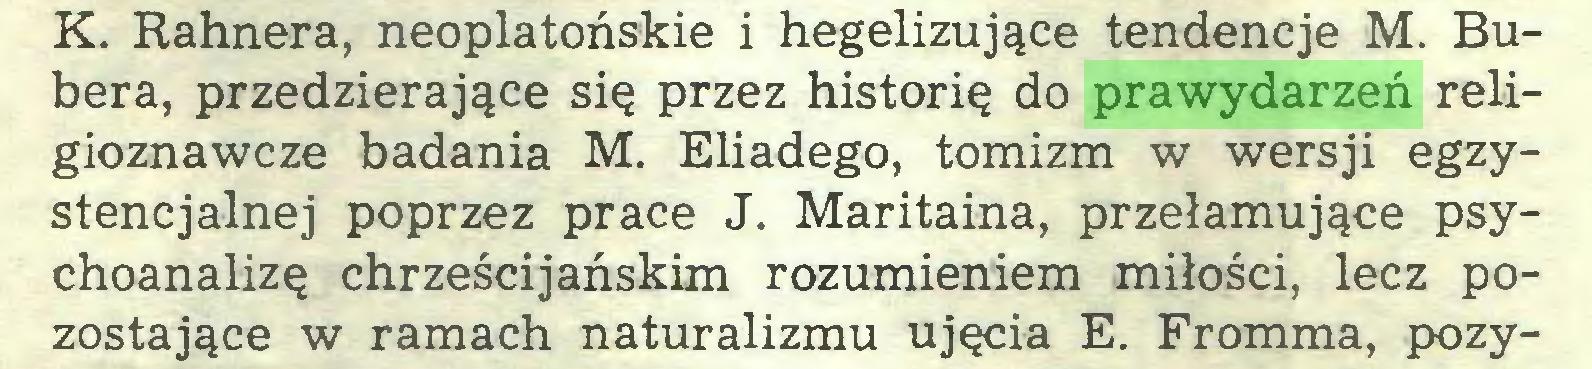 (...) K. Rahnera, neoplatońskie i hegelizujące tendencje M. Bubera, przedzierające się przez historię do prawydarzeń religioznawcze badania M. Eliadego, tomizm w wersji egzystencjalnej poprzez prace J. Maritaina, przełamujące psychoanalizę chrześcijańskim rozumieniem miłości, lecz pozostające w ramach naturalizmu ujęcia E. Fromma, pozy...